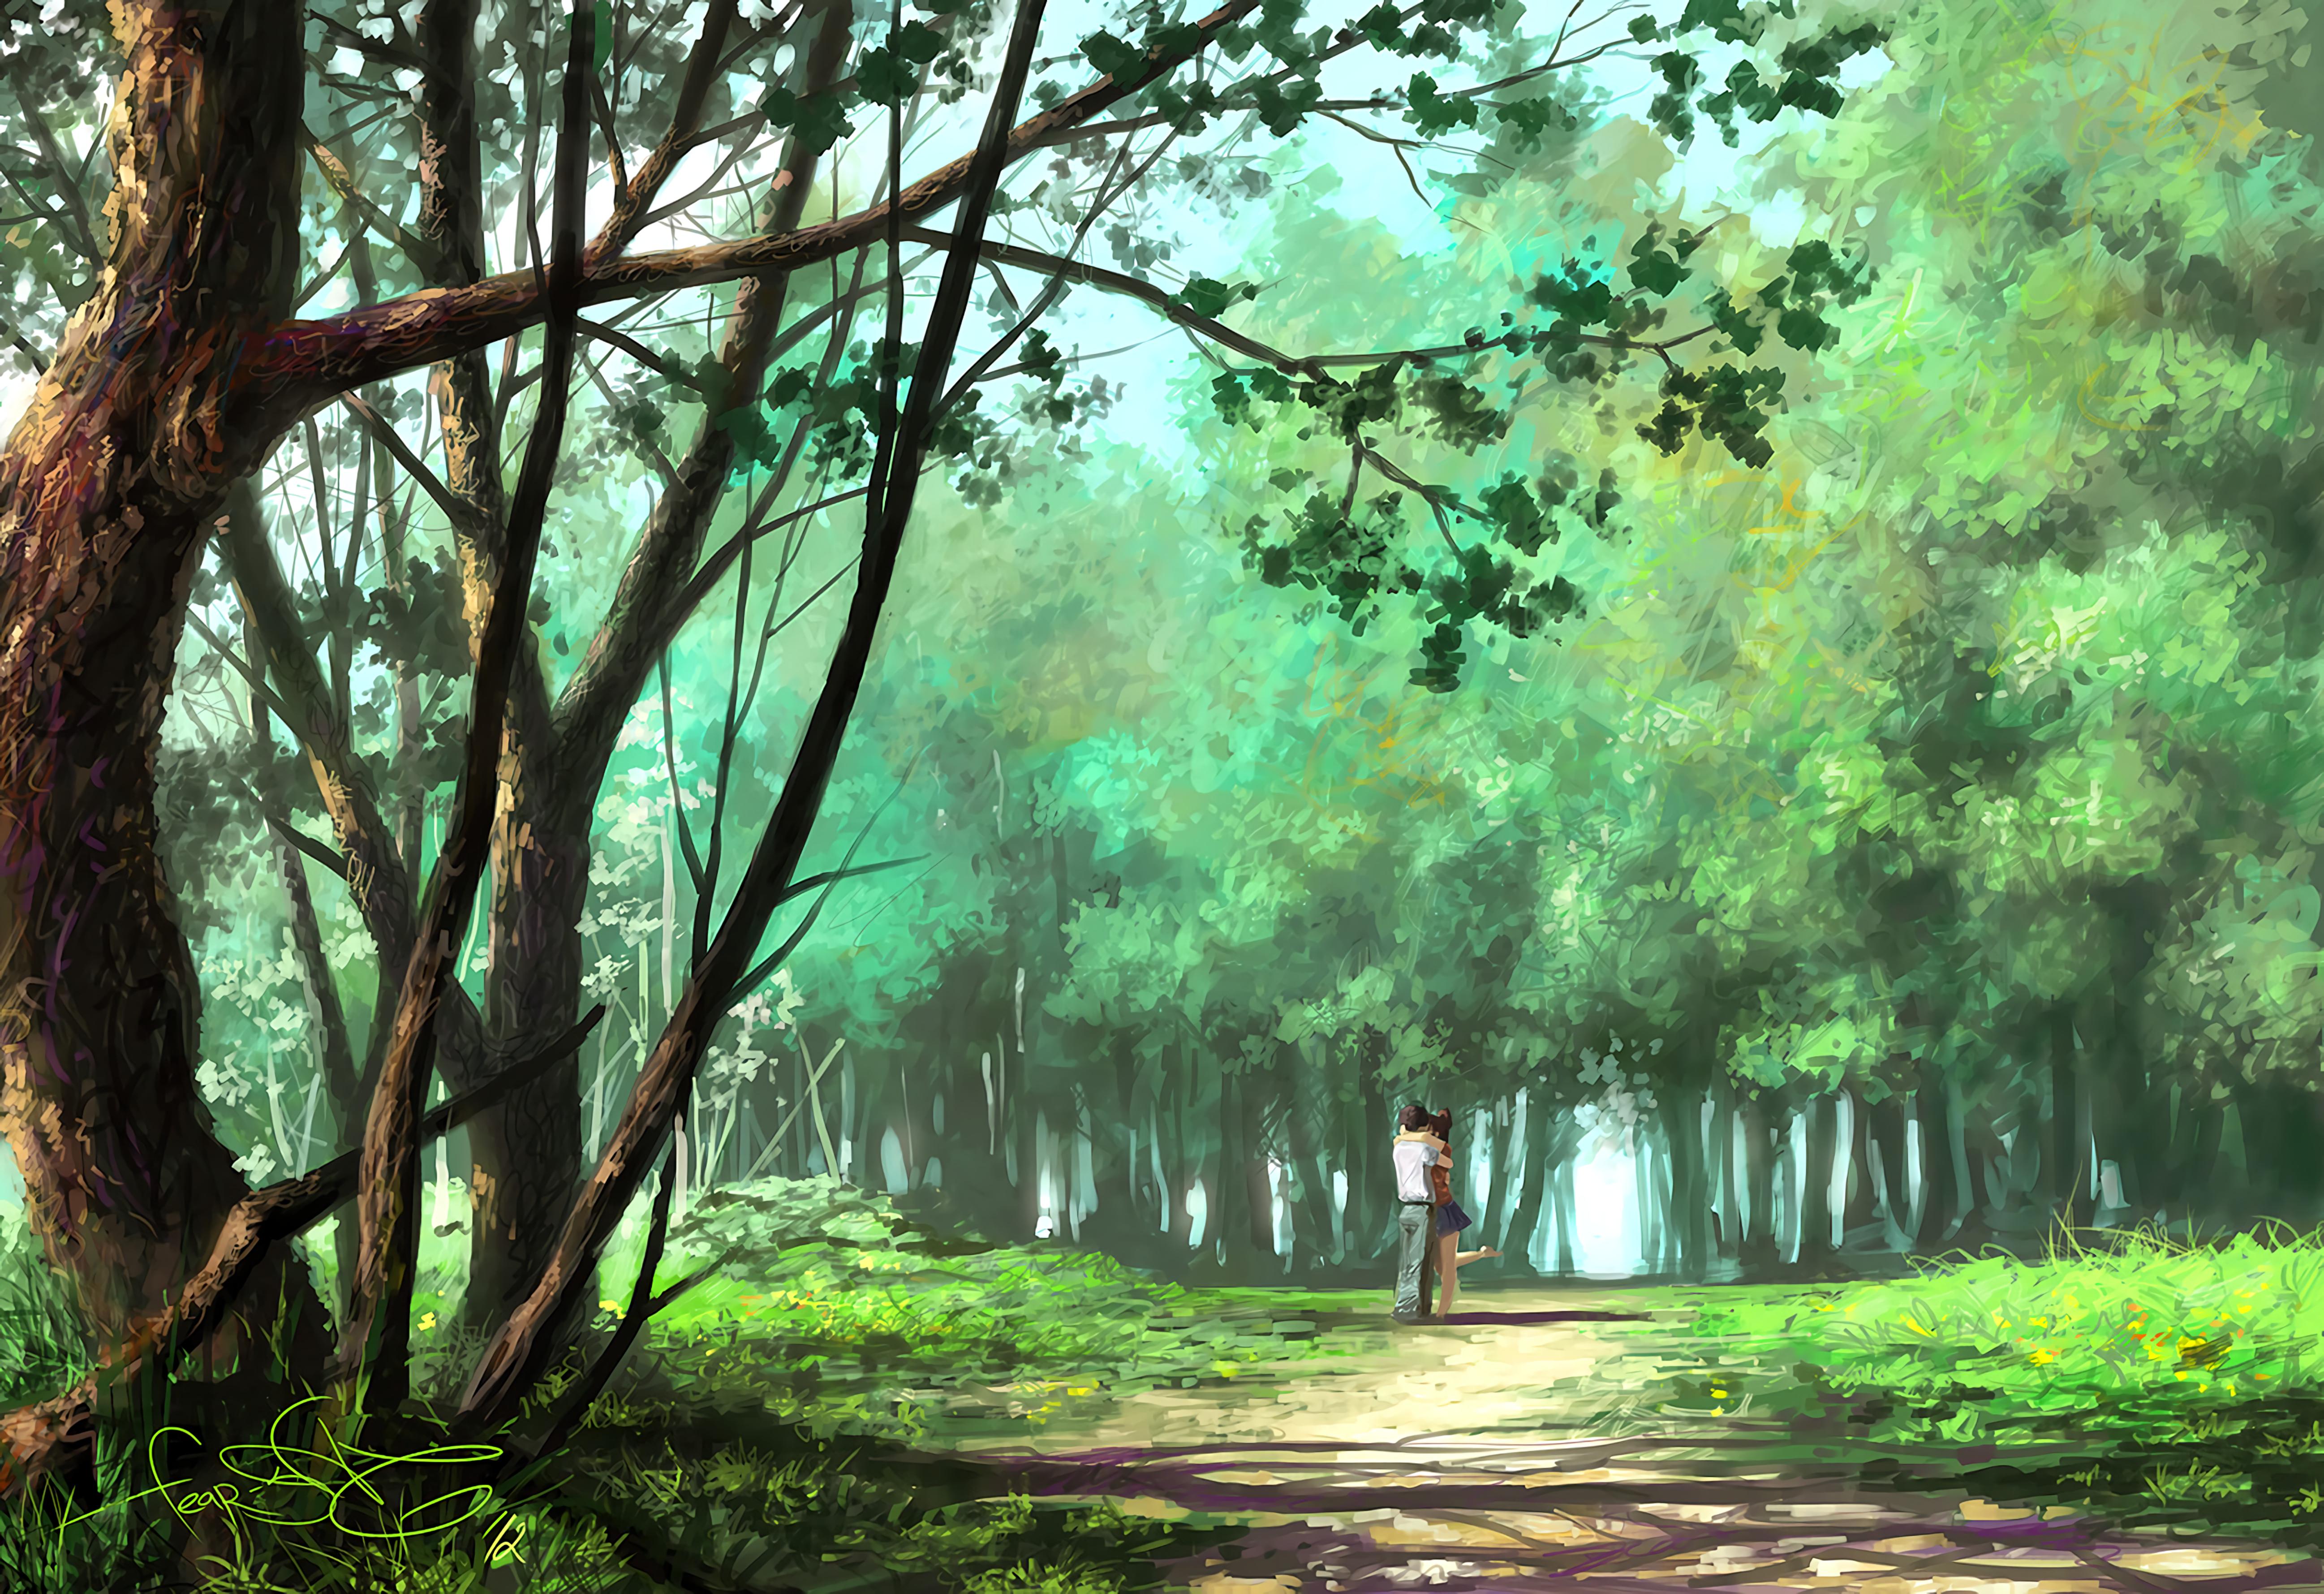 83098 Hintergrundbild herunterladen Kunst, Liebe, Wald, Der Park, Park, Paar, Romantik, Umarmung, Umarmen - Bildschirmschoner und Bilder kostenlos